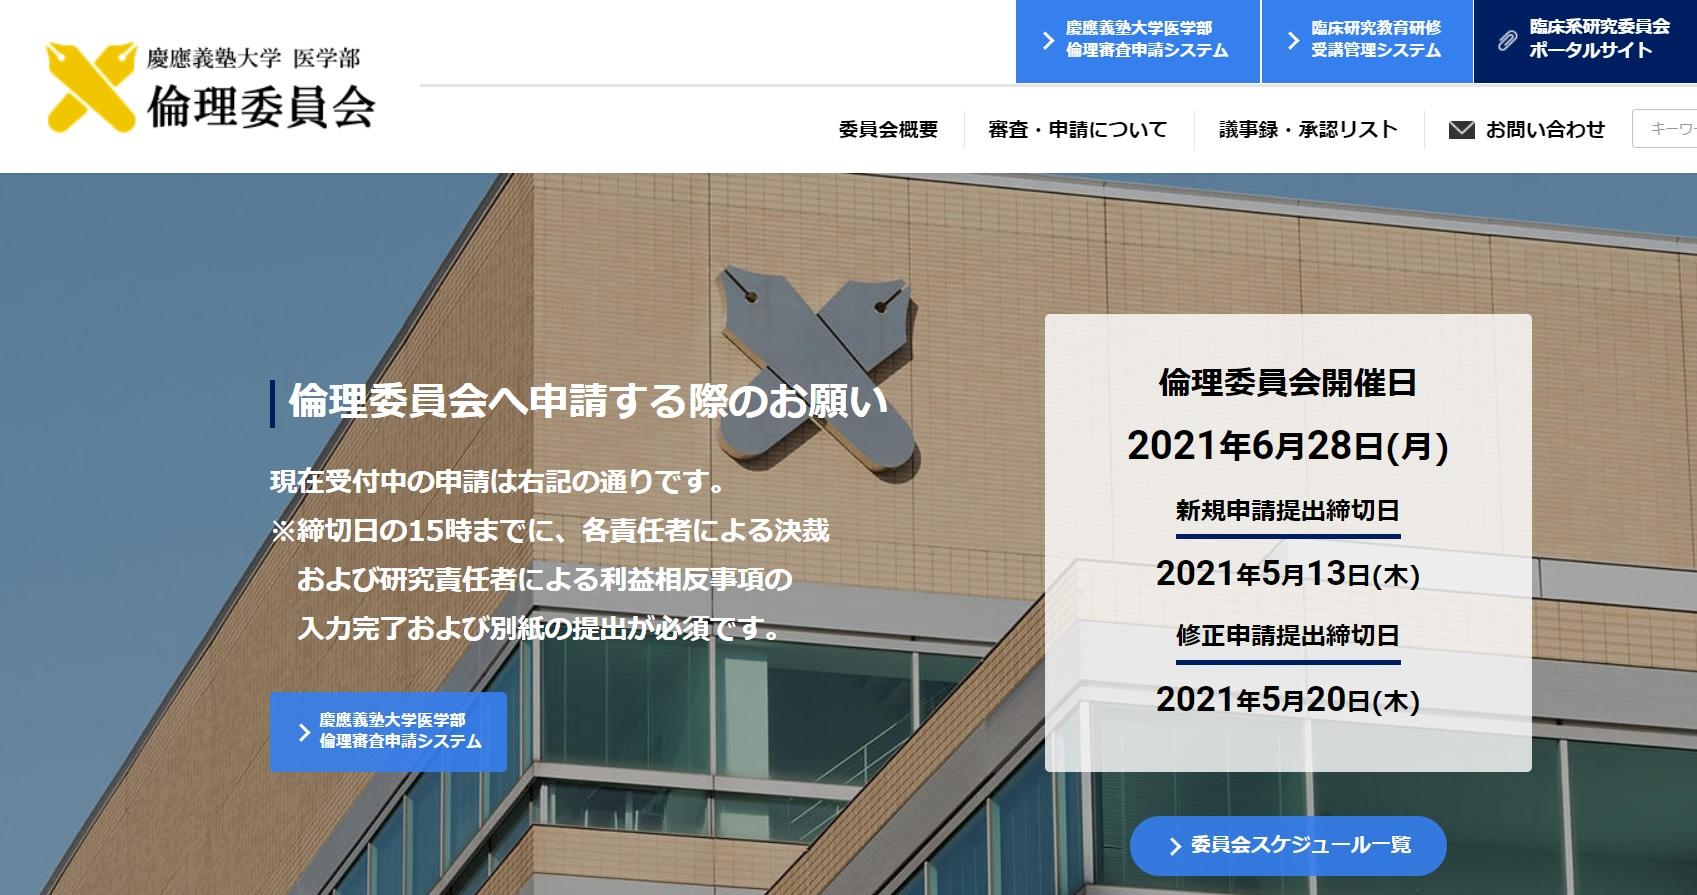 慶應義塾大学医学部倫理委員会